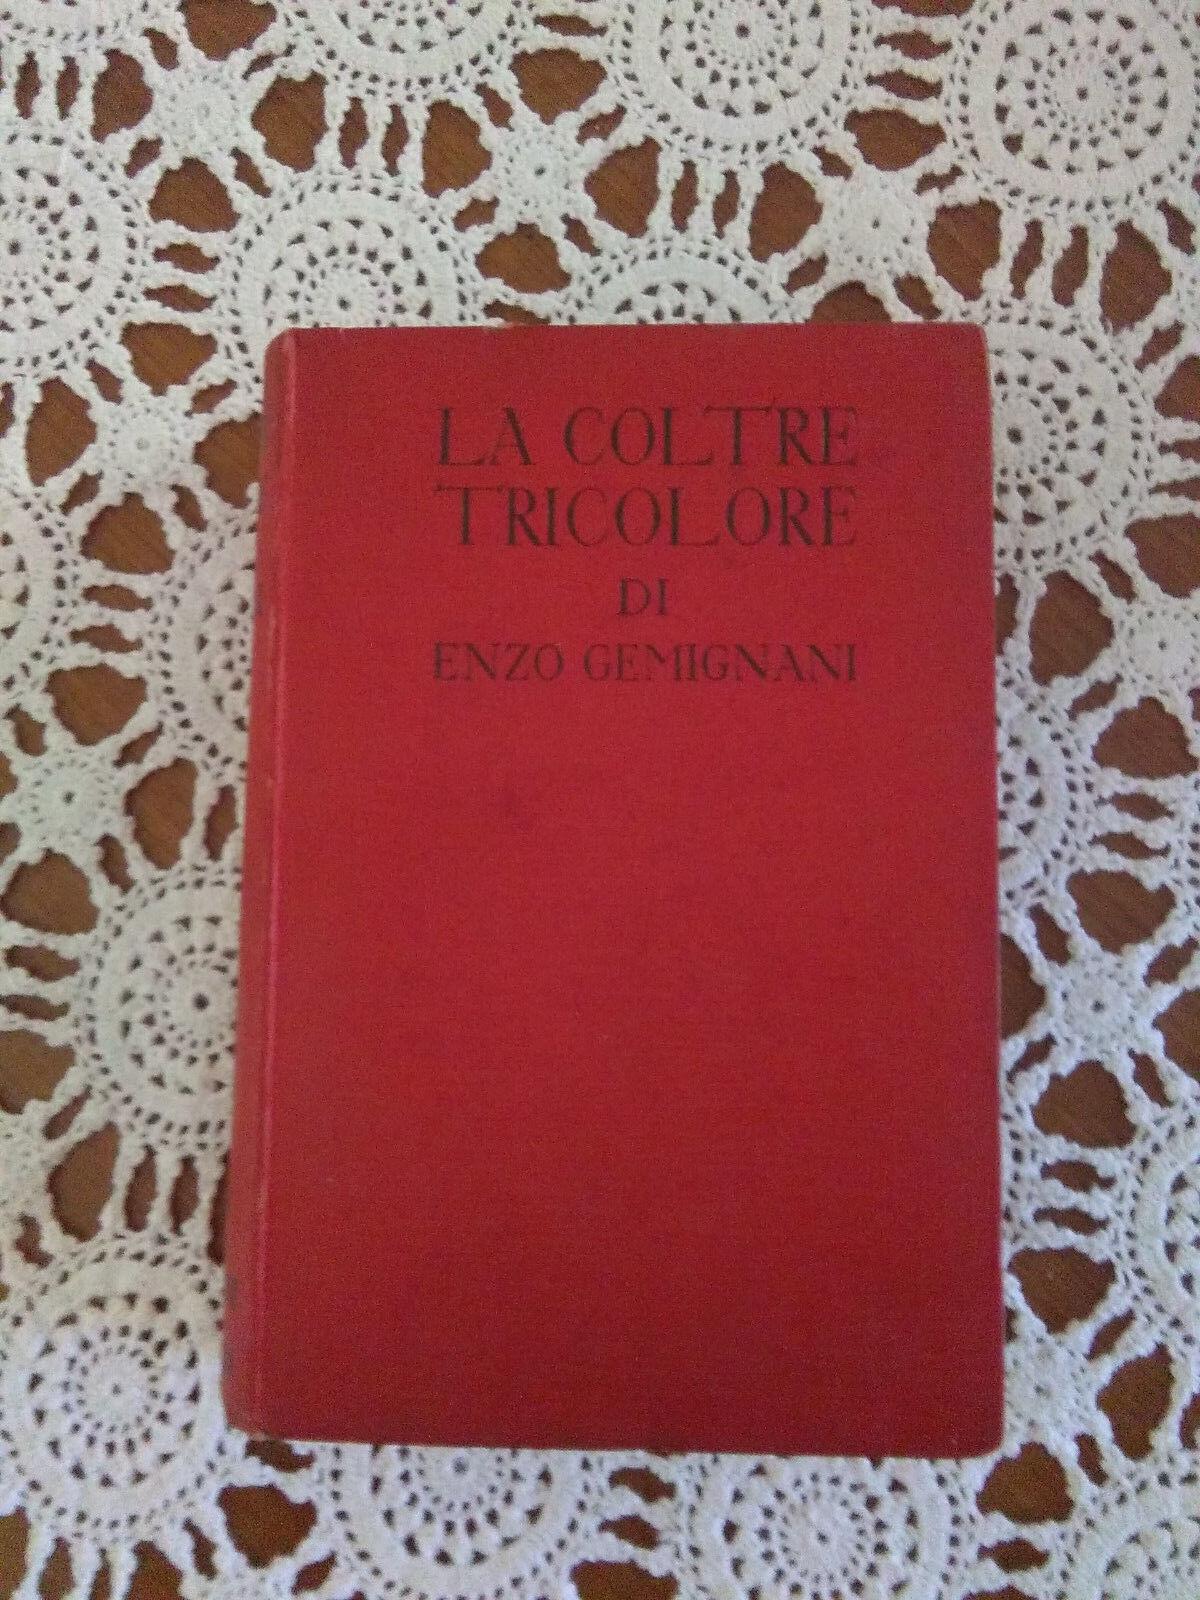 La Coltre Tricolore (autore Enzo Gemignani) (Sonzogno - Milano)